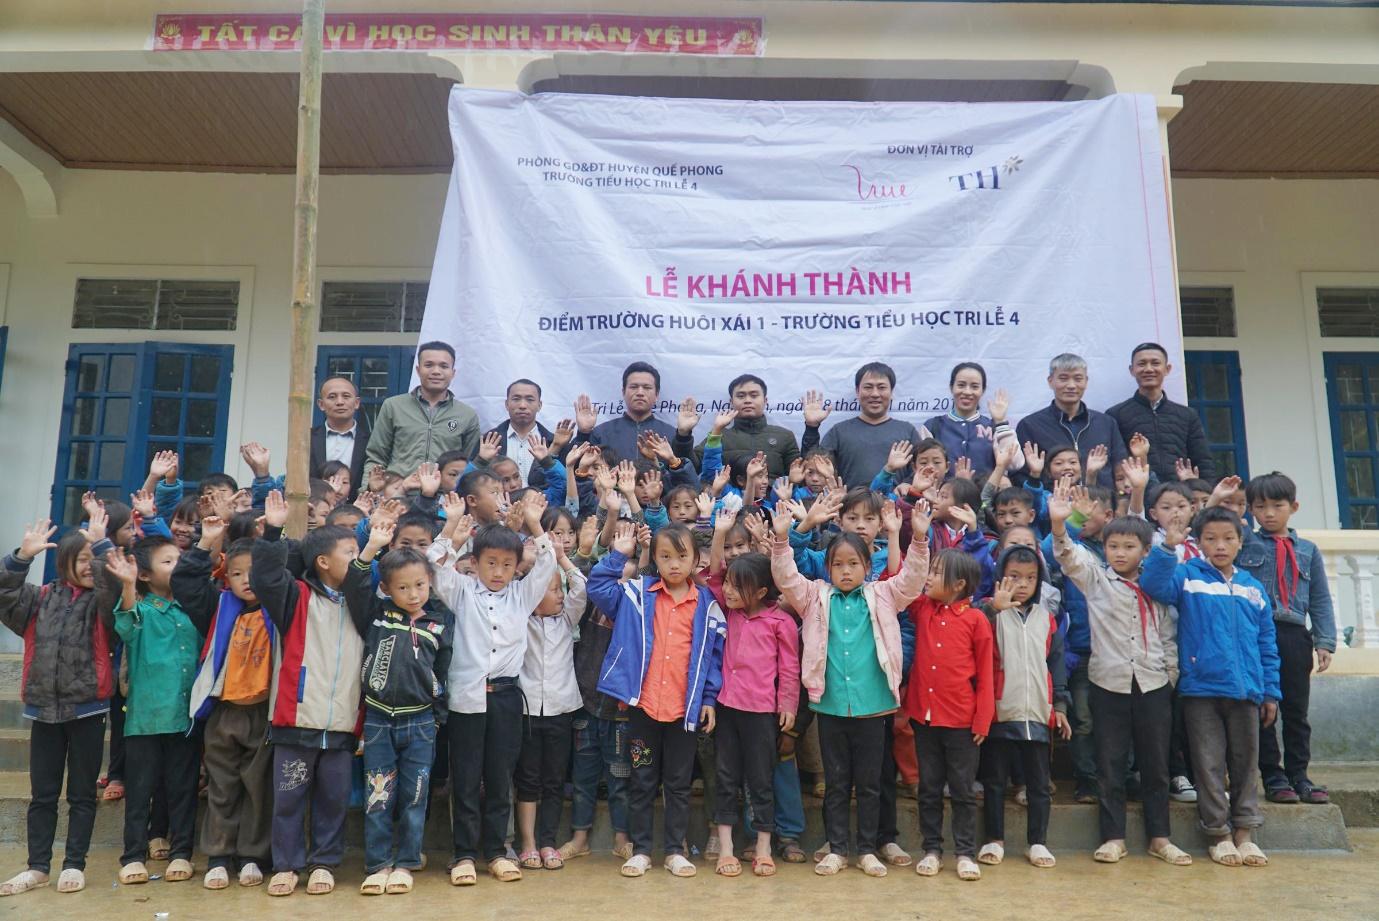 Thêm một điểm trường vùng biên giới Nghệ An được khánh thành - Ảnh 2.